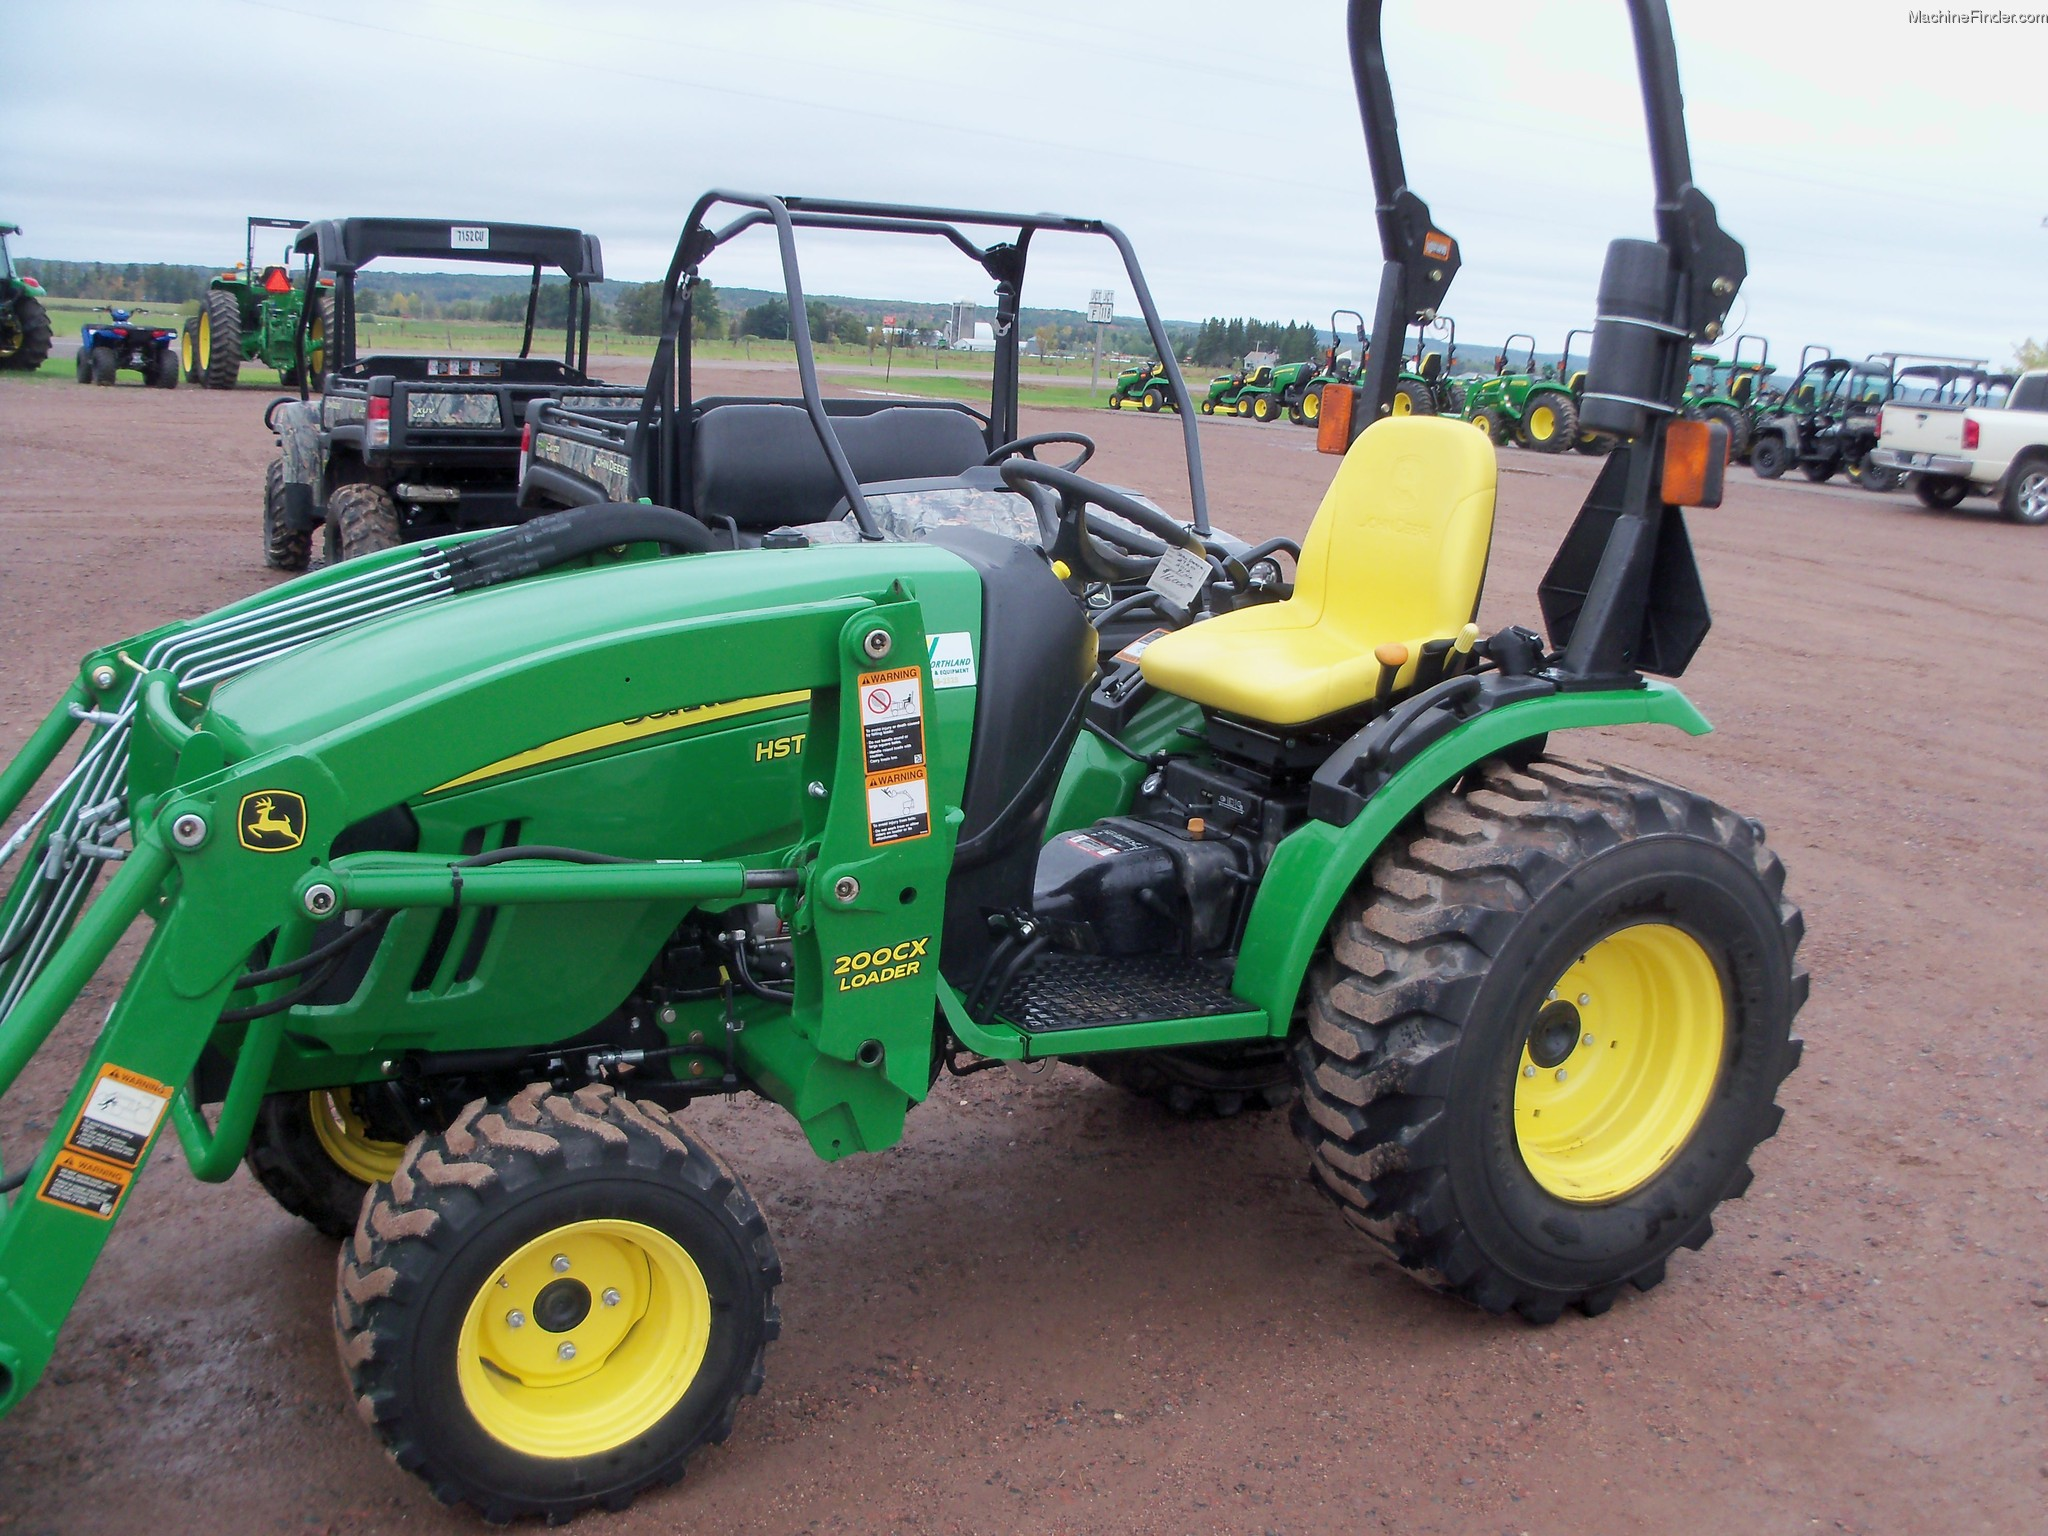 2008 John Deere 2720 CUT Tractors - Compact (1-40hp ...